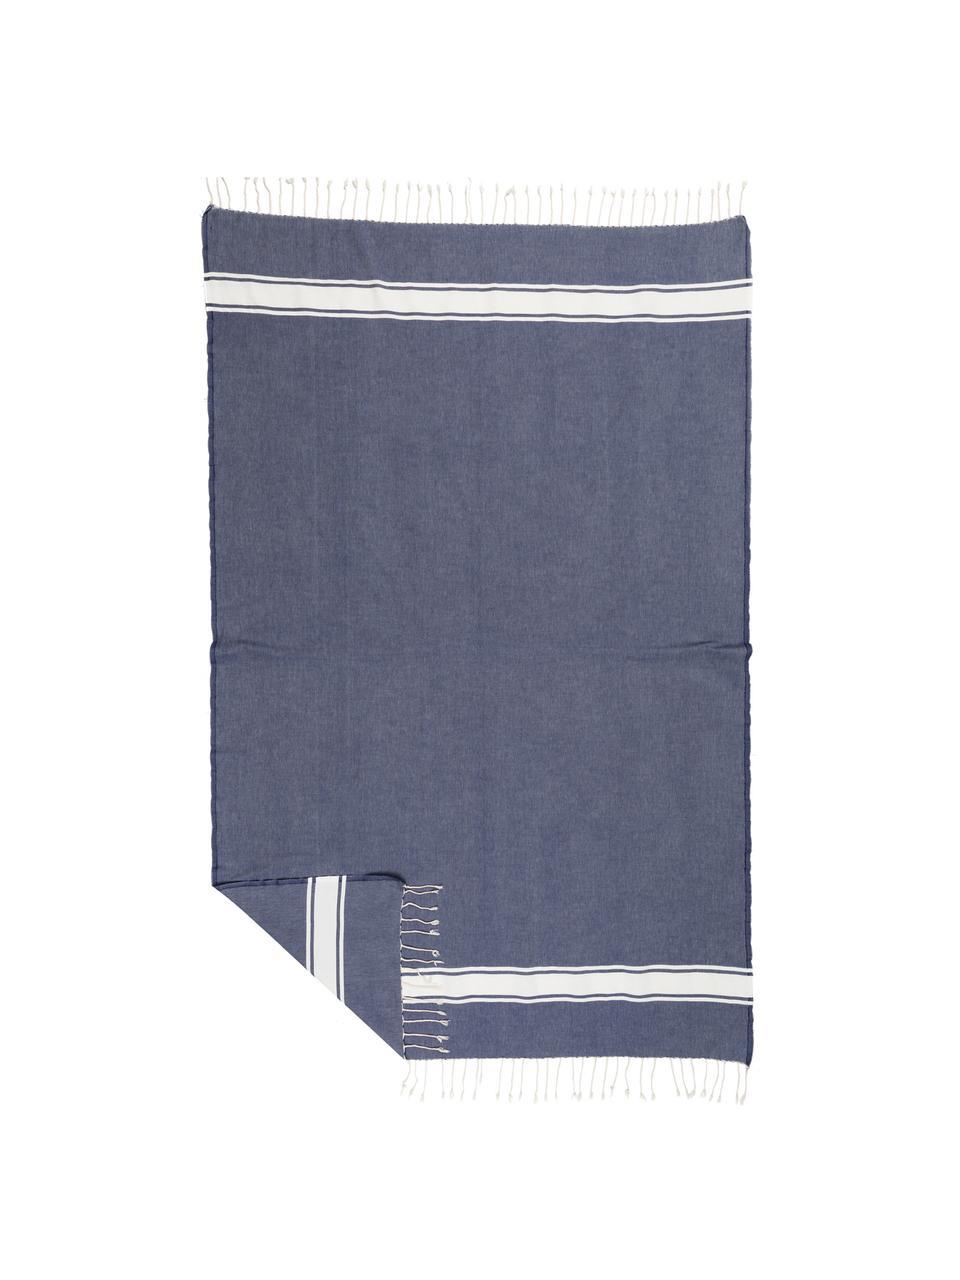 Tovaglia a righe in cotone con frange St. Tropez, Cotone, Blu denim, bianco, Per 6-8 persone (Larg. 150 x Lung. 250 cm)